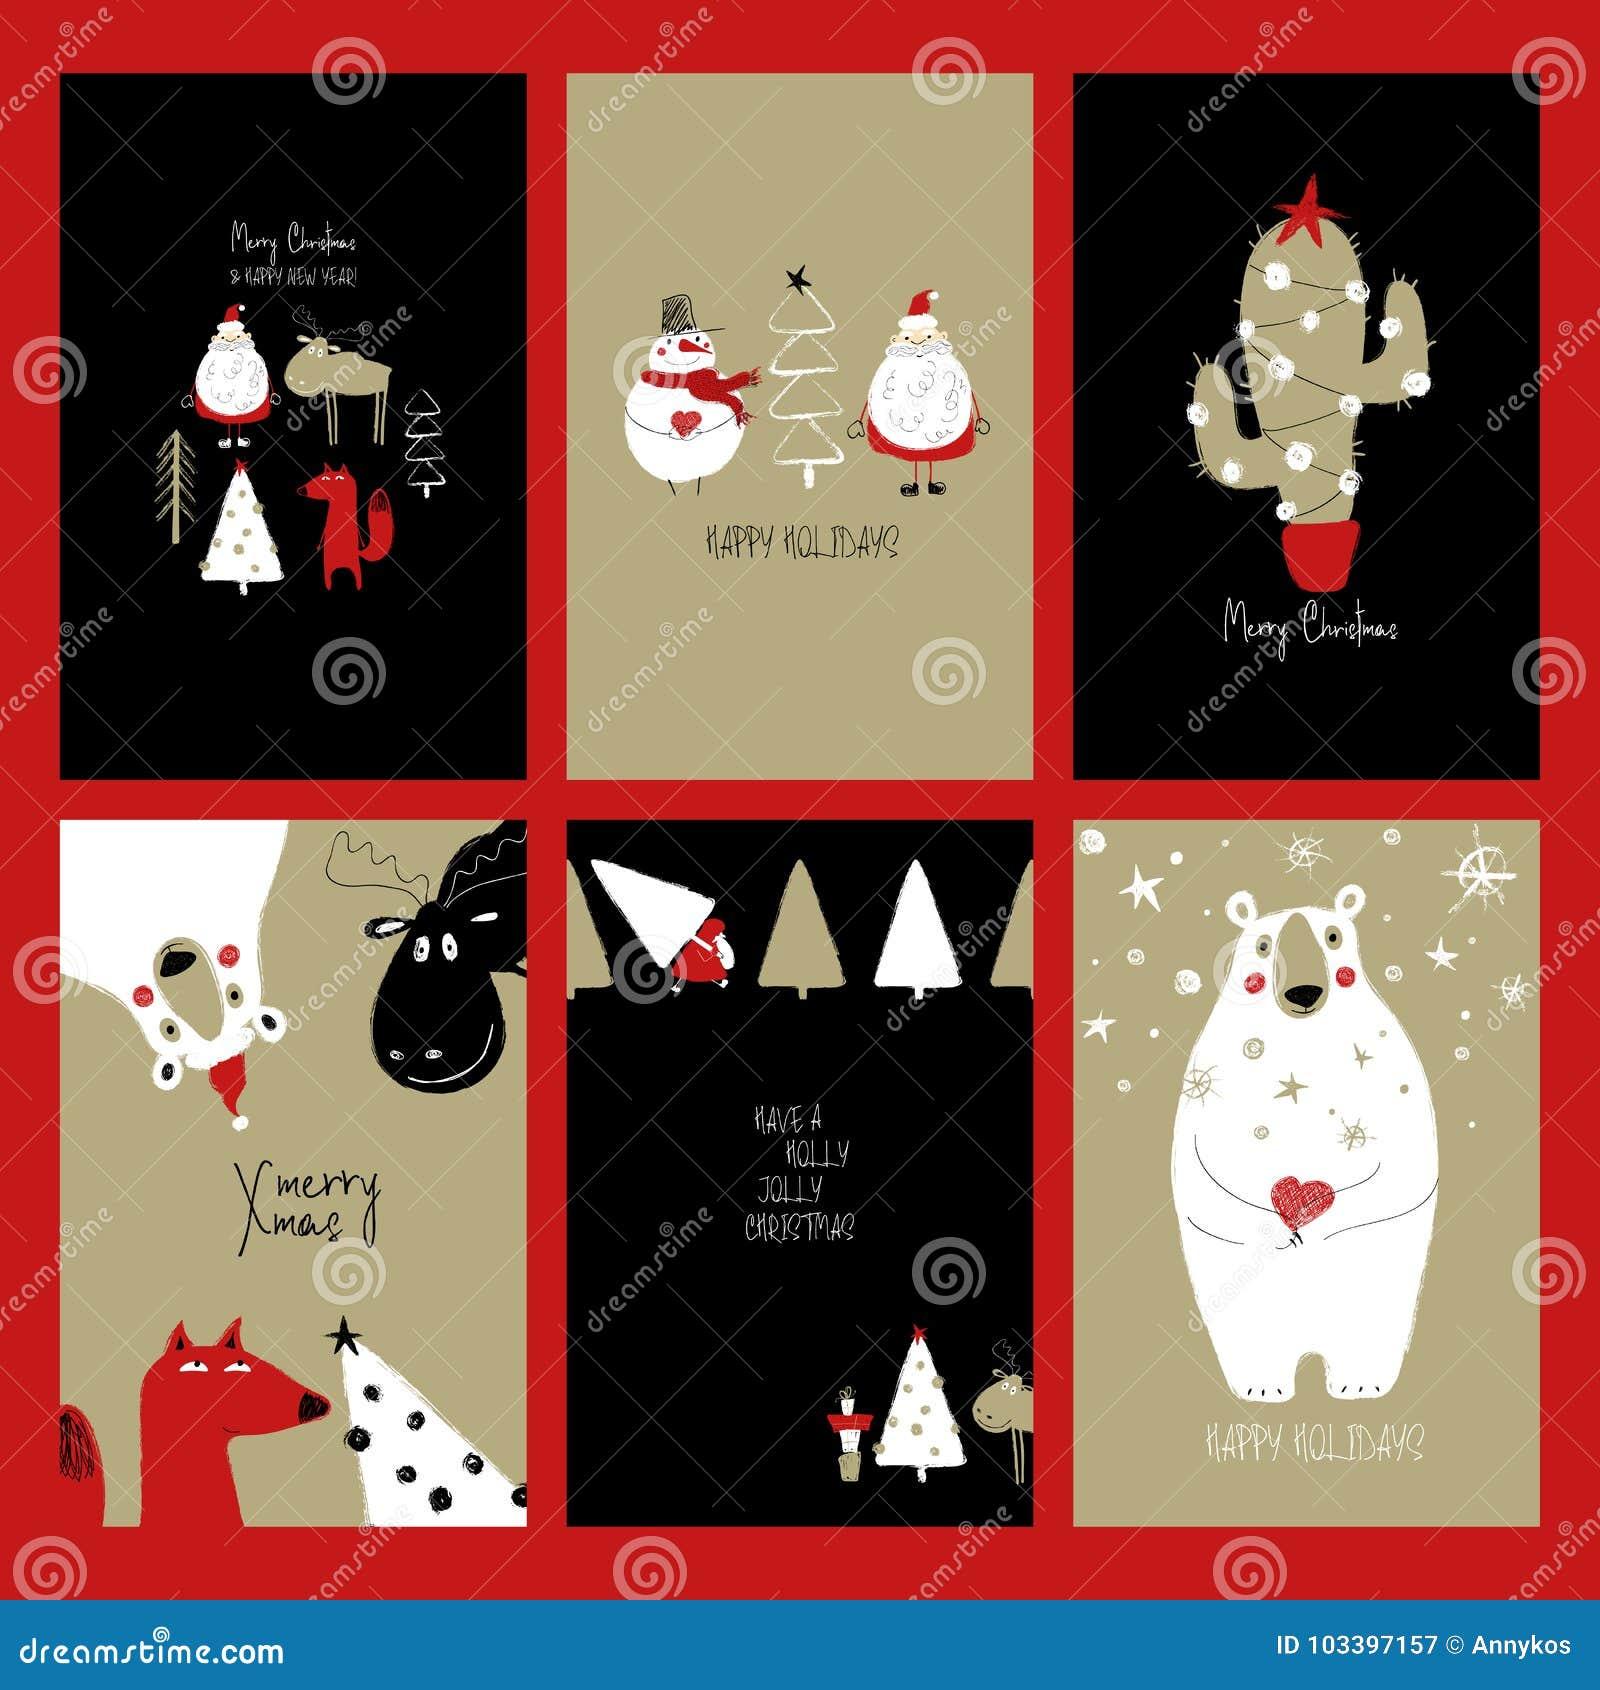 Biglietti Di Natale Divertenti.Insieme Di Retro Cartoline Di Natale Divertenti Illustrazione